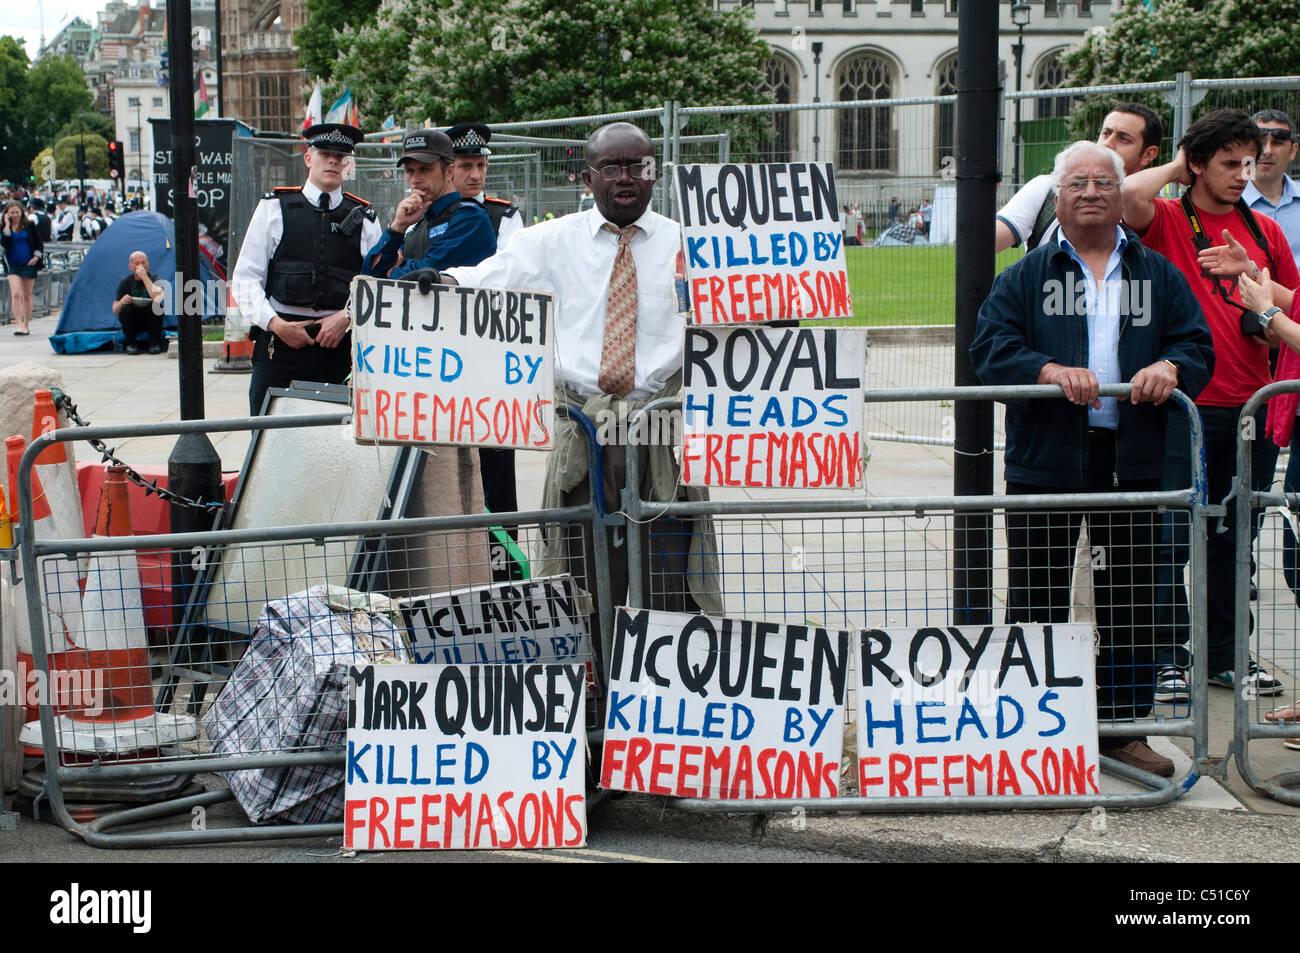 La plaza del parlamento manifestante. McQueen asesinados por Francmasones, Londres, Reino Unido. Imagen De Stock